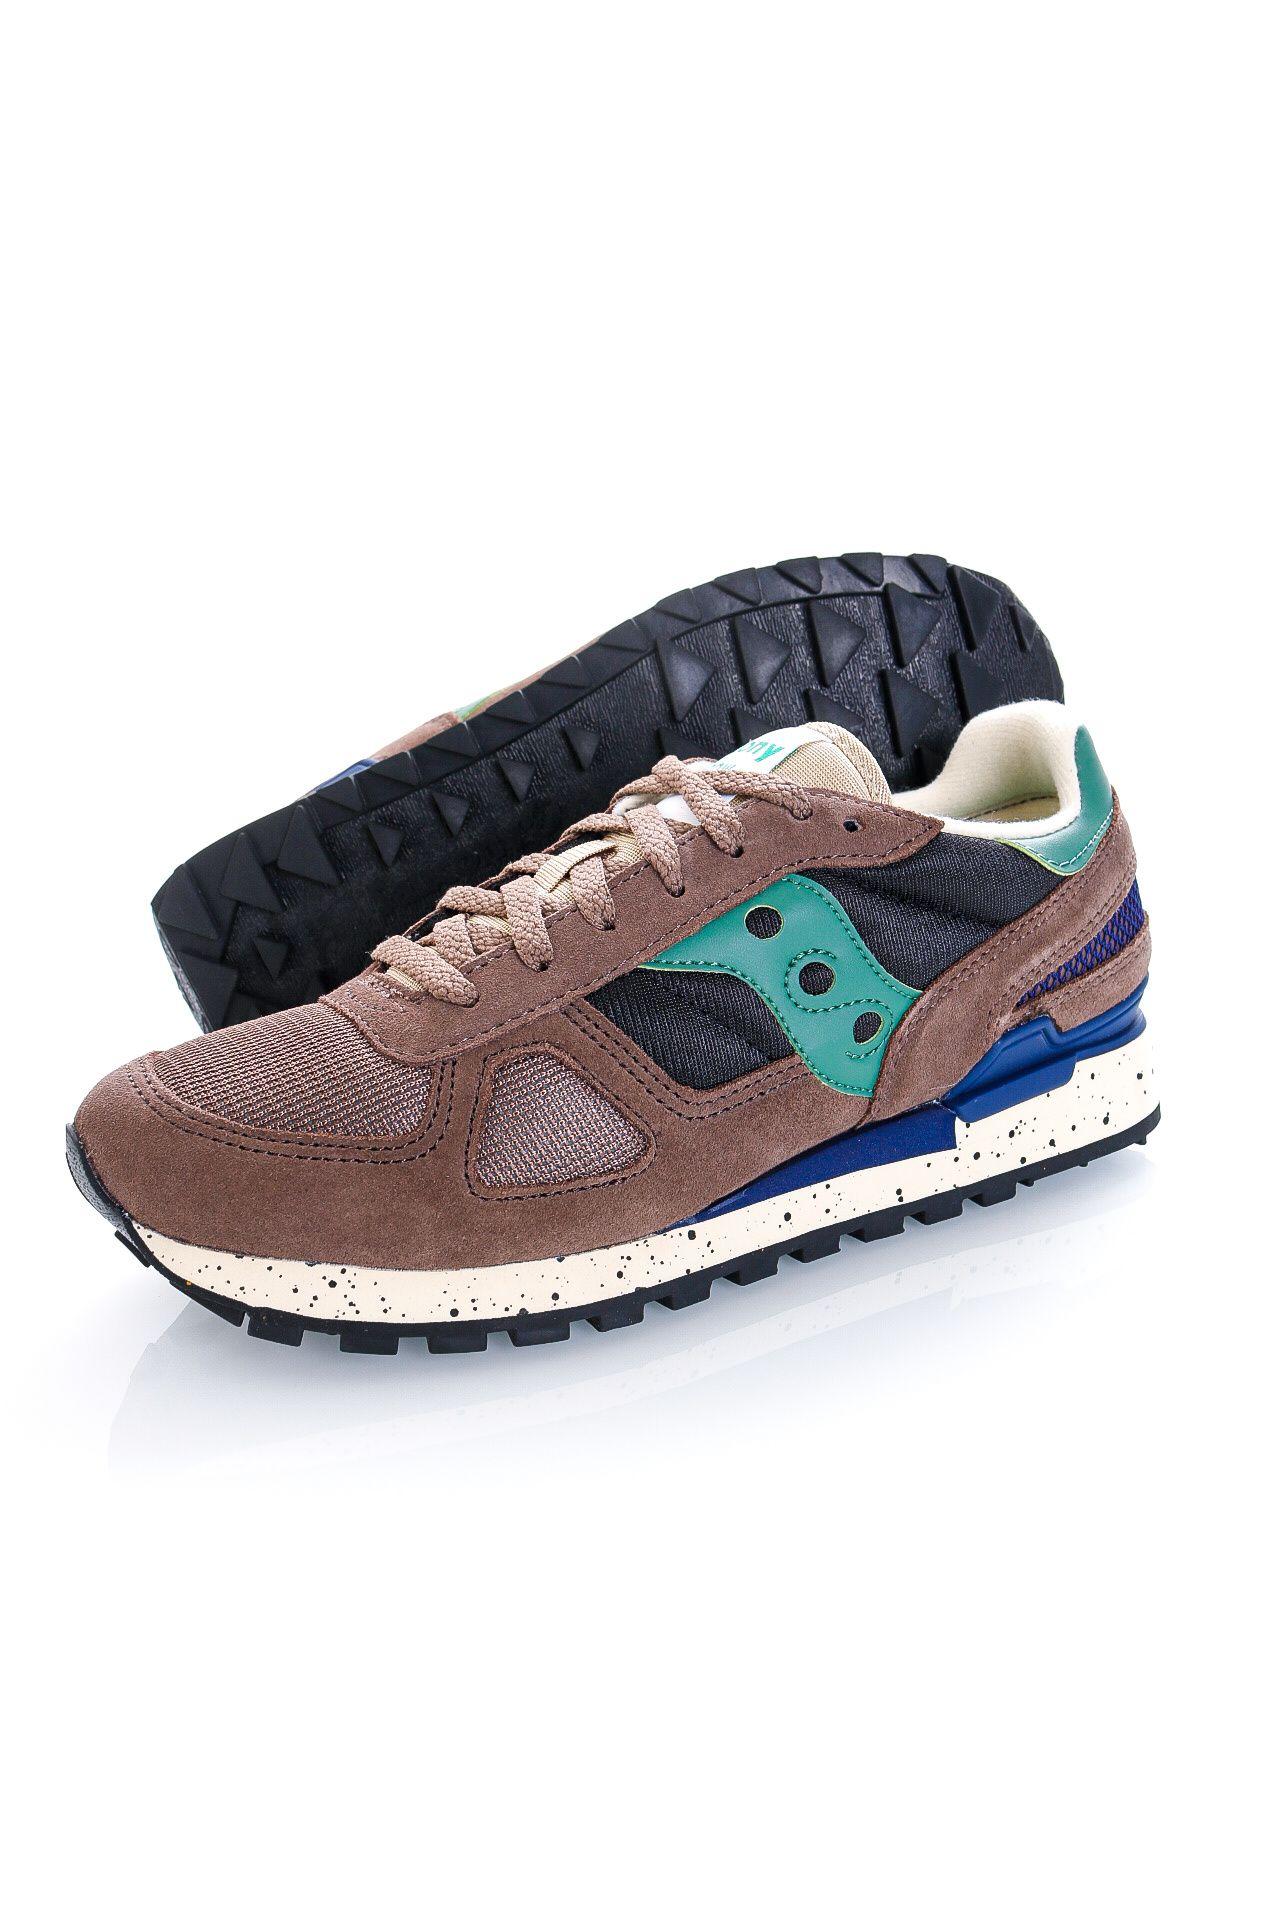 Afbeelding van Saucony Sneakers Shadow Original Brown/Black/Green S2108-792